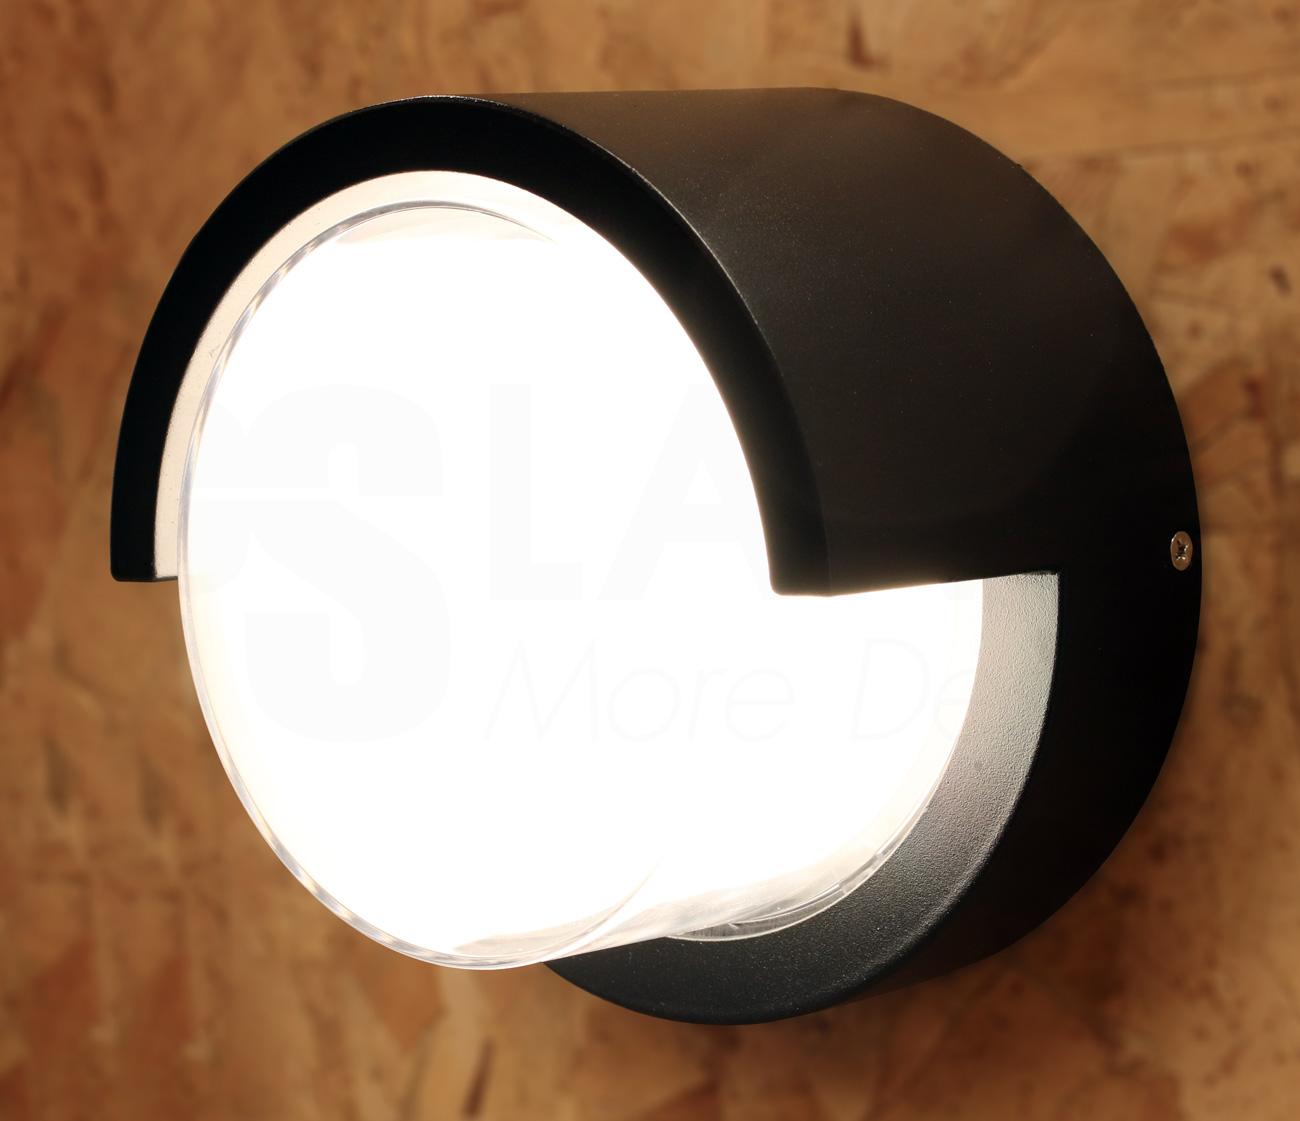 โคมไฟติดผนัง-โคมไฟผนัง-โคมไฟภายนอก-โคมไฟโมเดิร์น-CATANIA-BK